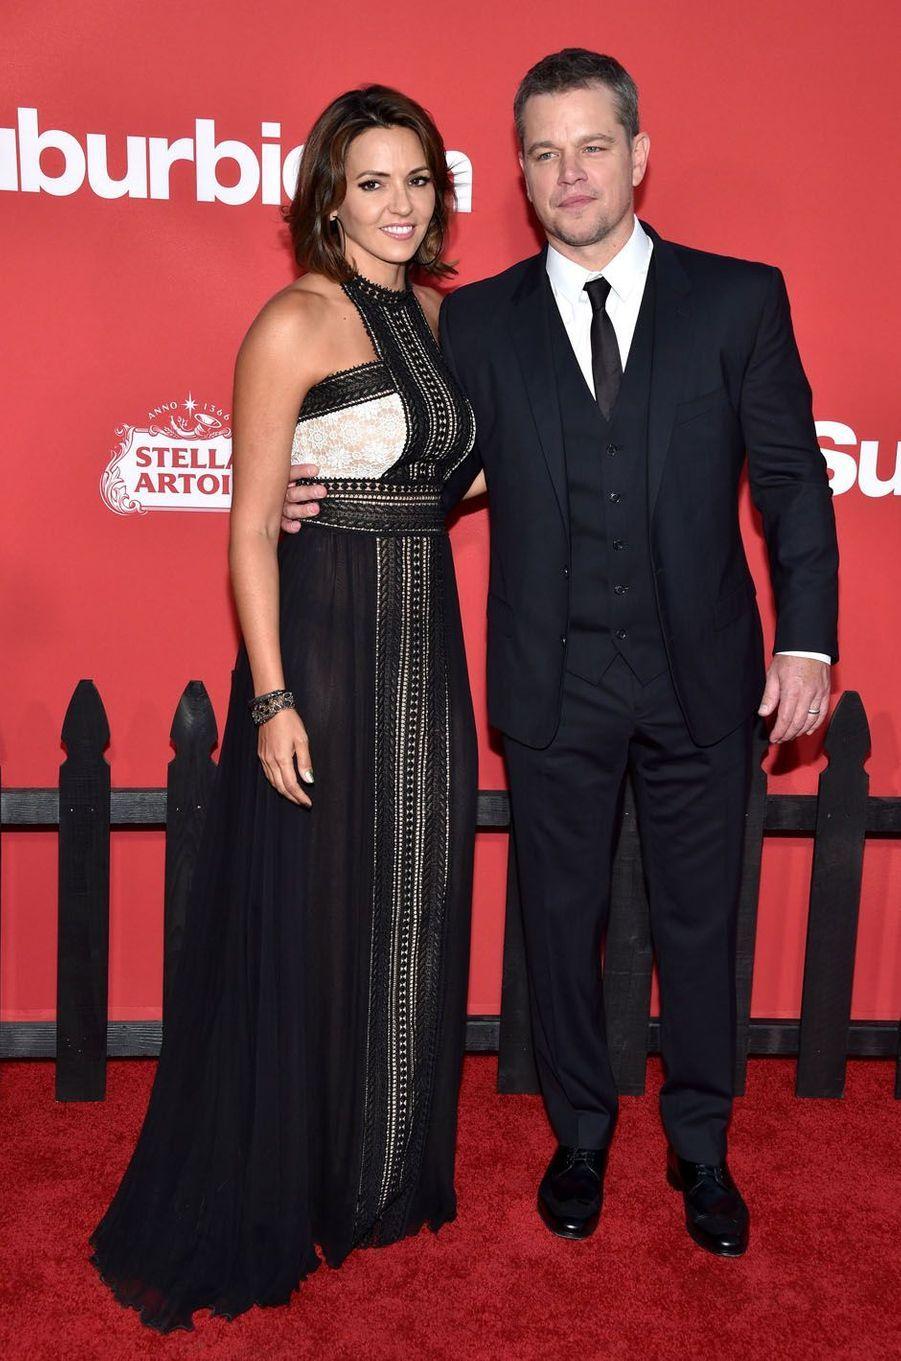 """Luciana Barroso et Matt Damonà l'avant-première de """"Suburbicon"""", le 22 octobre 2017 à Los Angeles."""